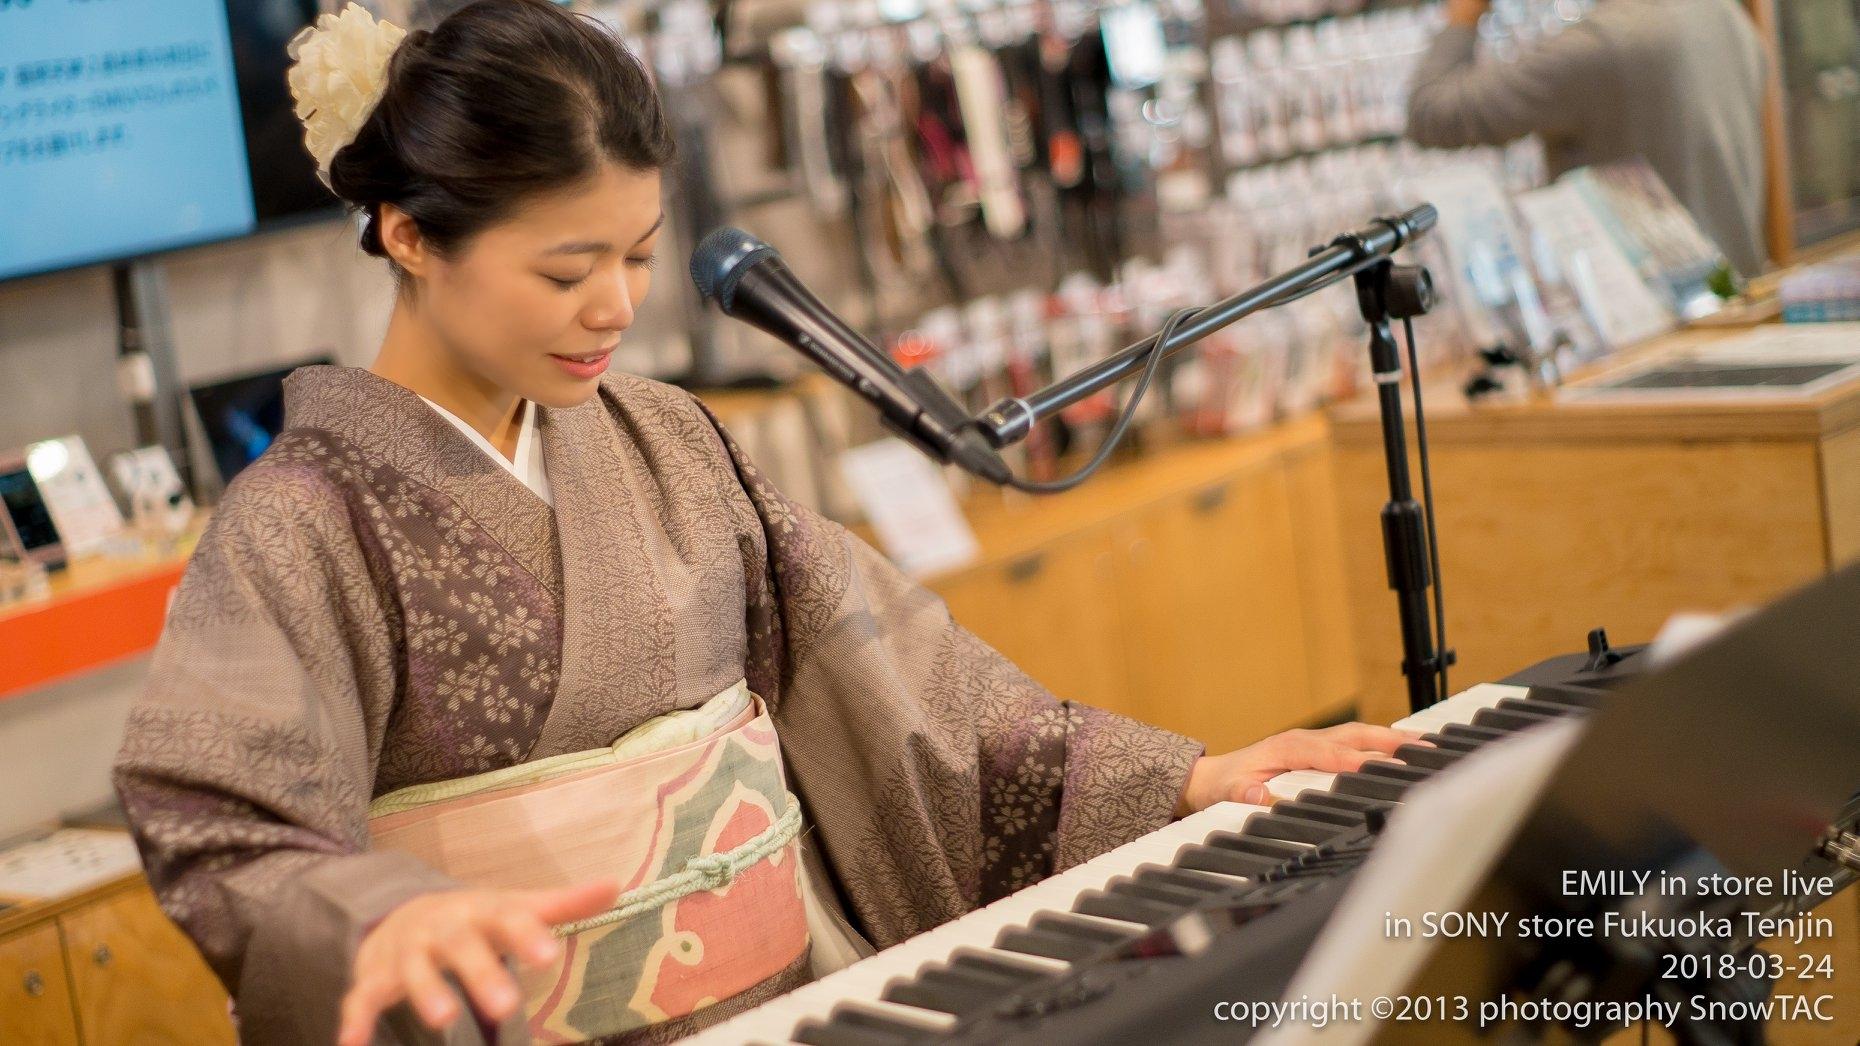 ソニーストア 福岡天神 2周年感謝祭